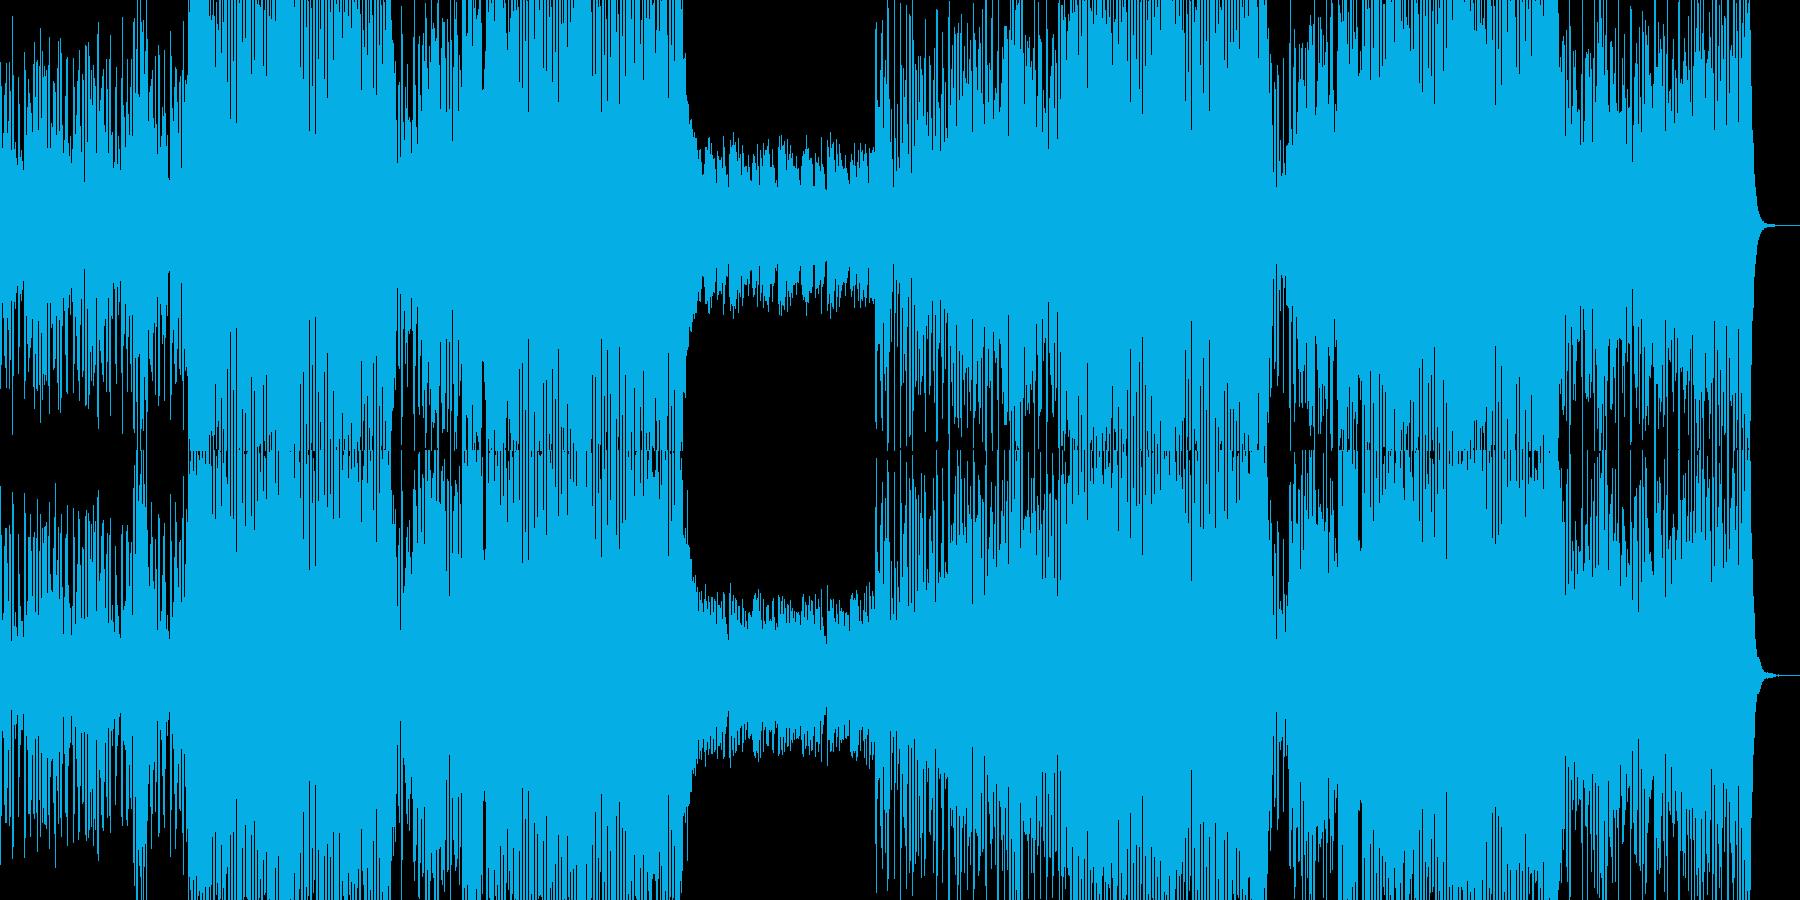 重い雰囲気のストリングスとデジタルビートの再生済みの波形